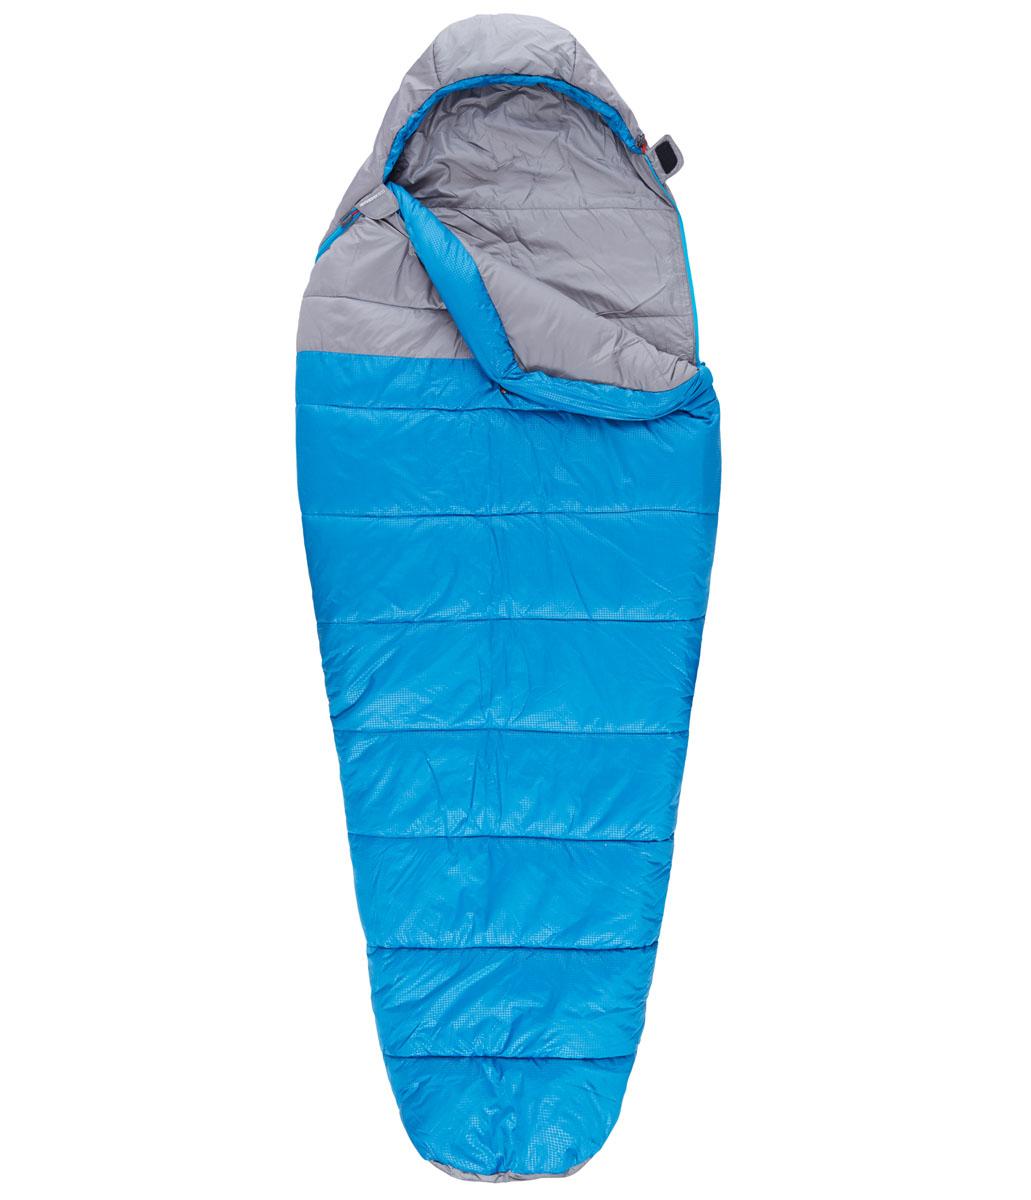 Спальный мешок The North Face Aleutian 20/-7, цвет: синий. T0A3A0M8RRH REG67742Cпальный мешок для путешествий, который можно целиком расстегнуть и расстелить в палатке. Вместительный, универсальный, теплый и комфортный.